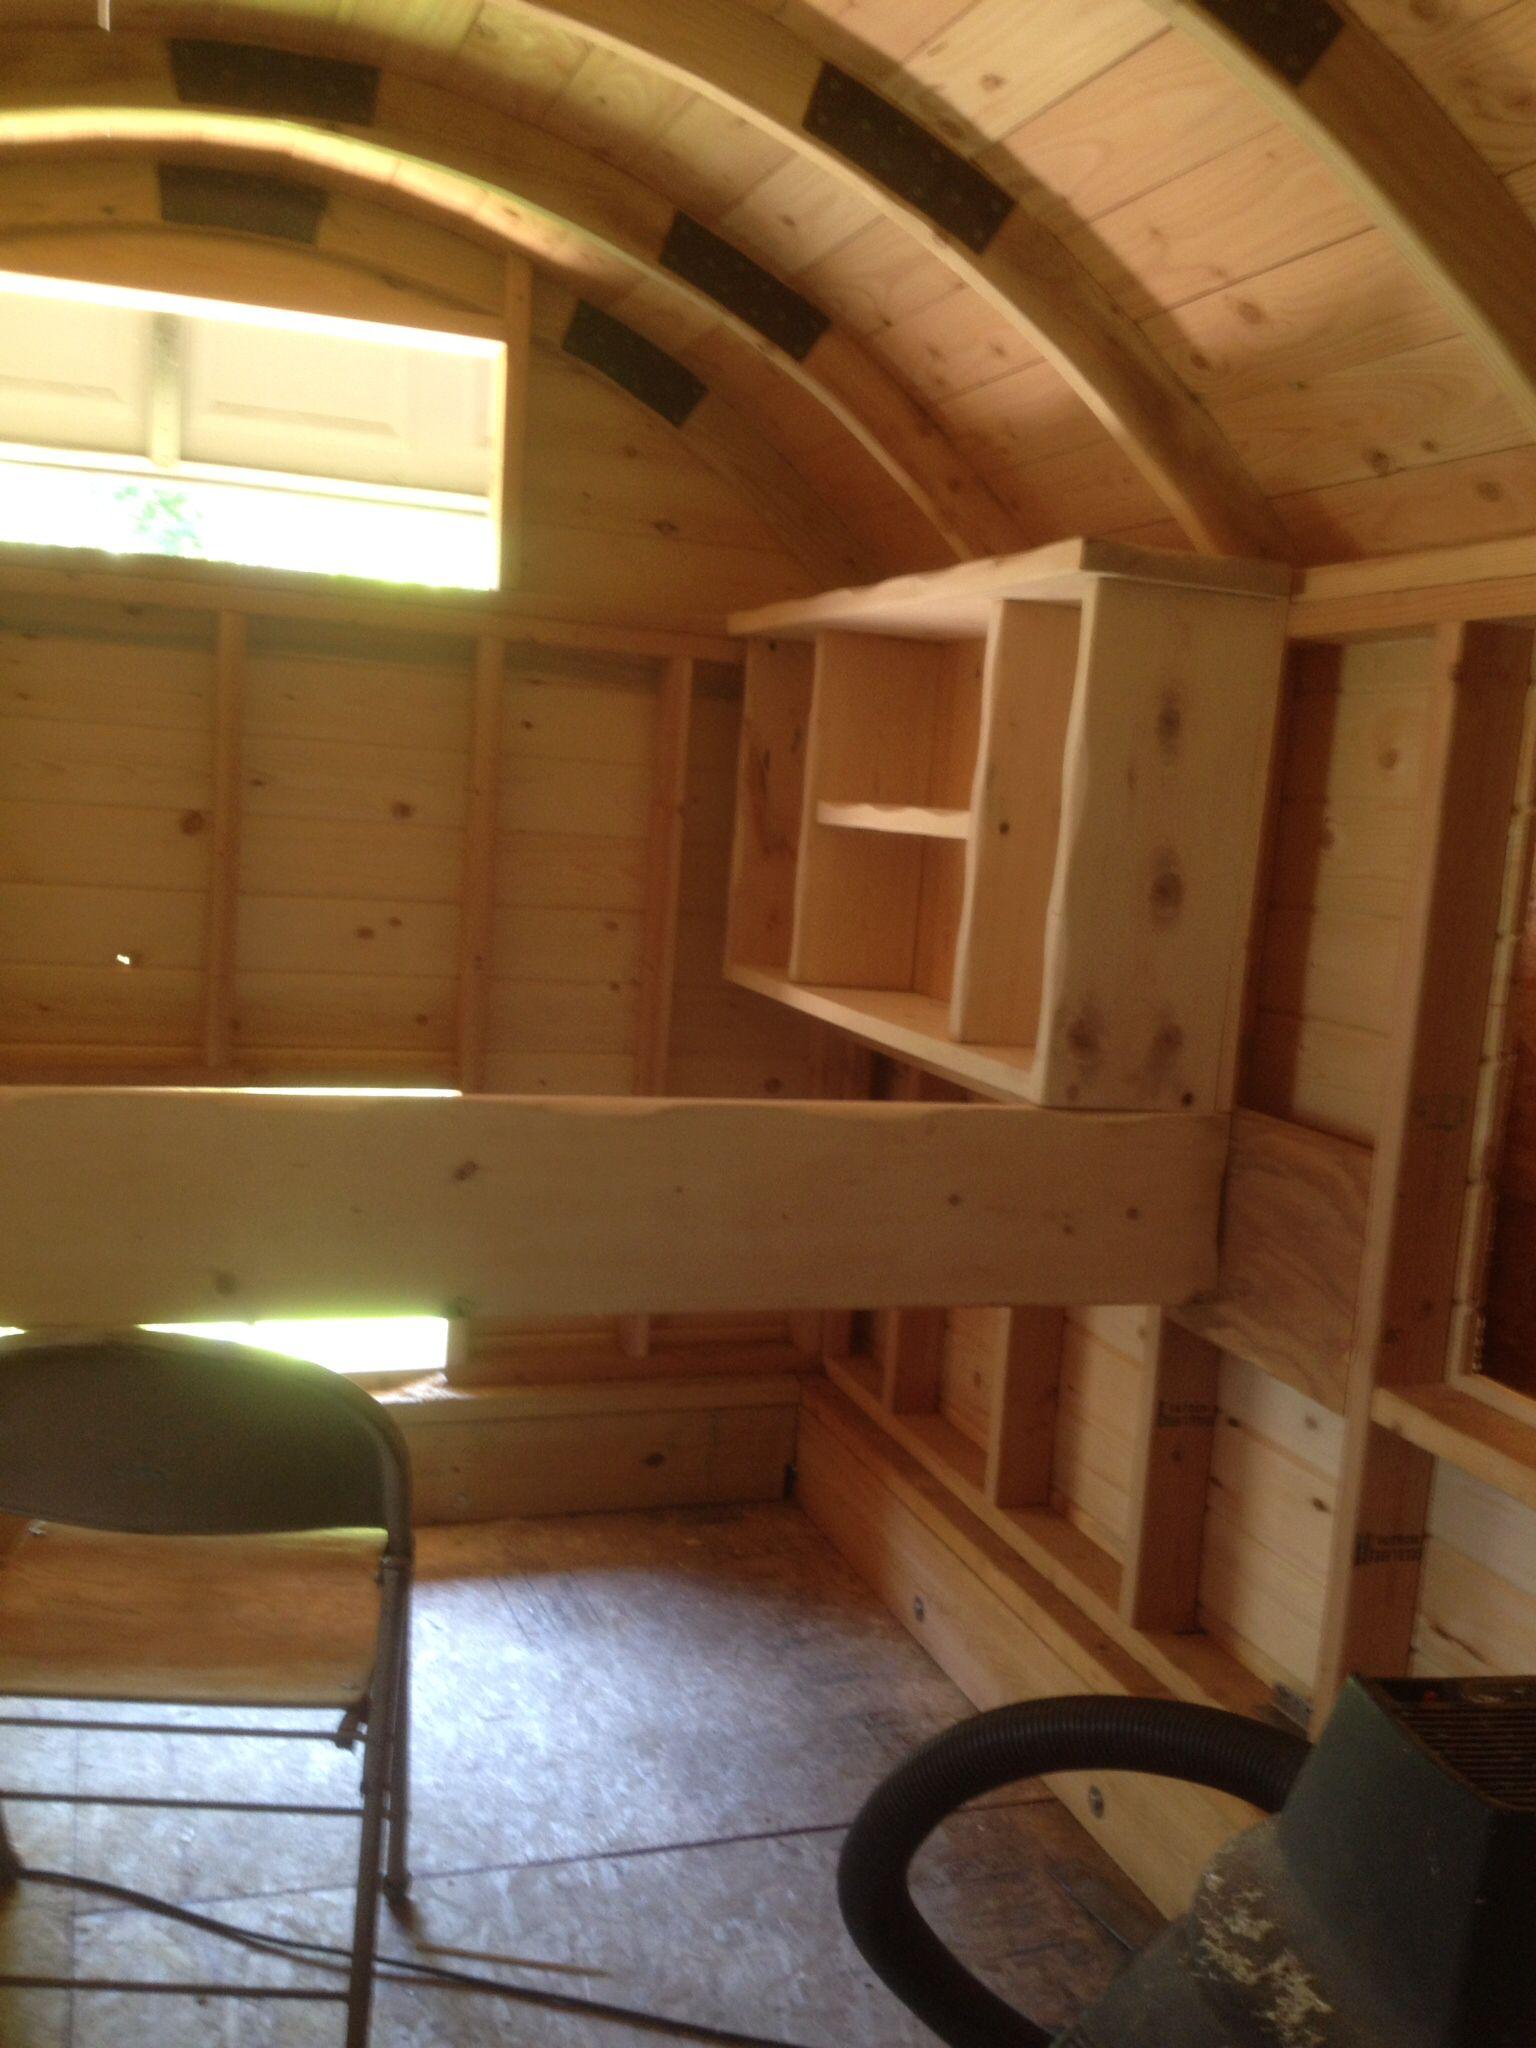 Building A Sheep Camp Tiny House Trailer Vardo Camper Living